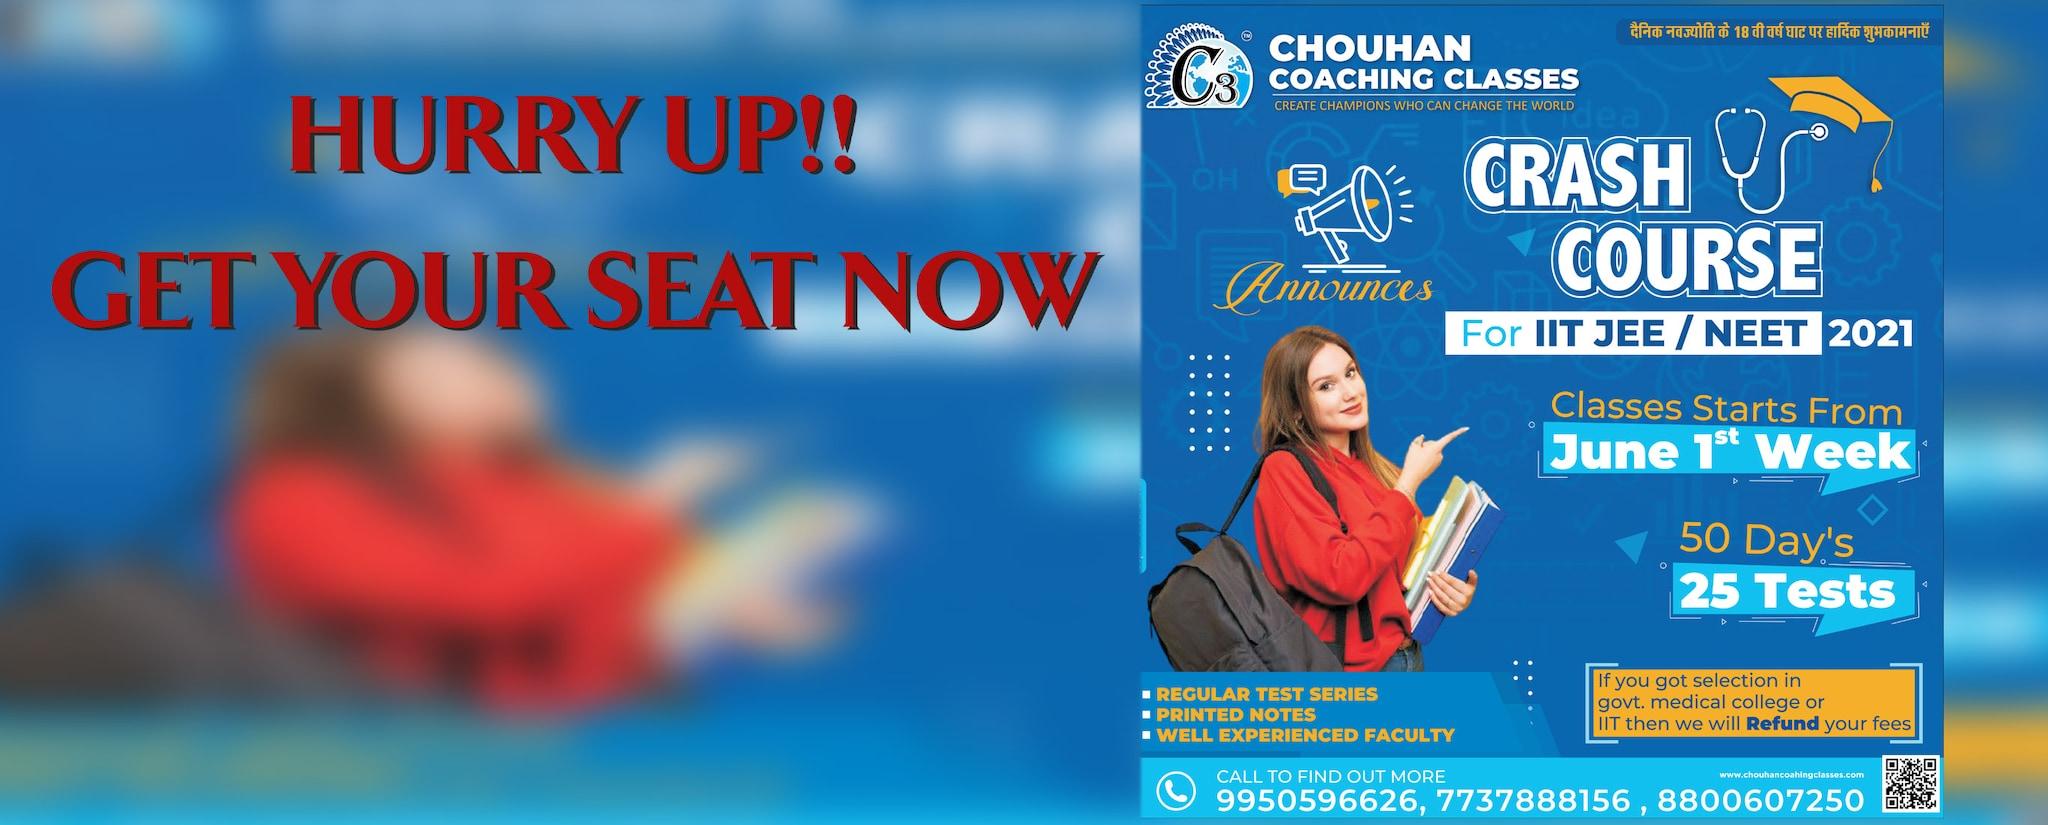 Chouhan Coaching Classes - Coaching Classes Center in Pratap Nagar, Jodhpur